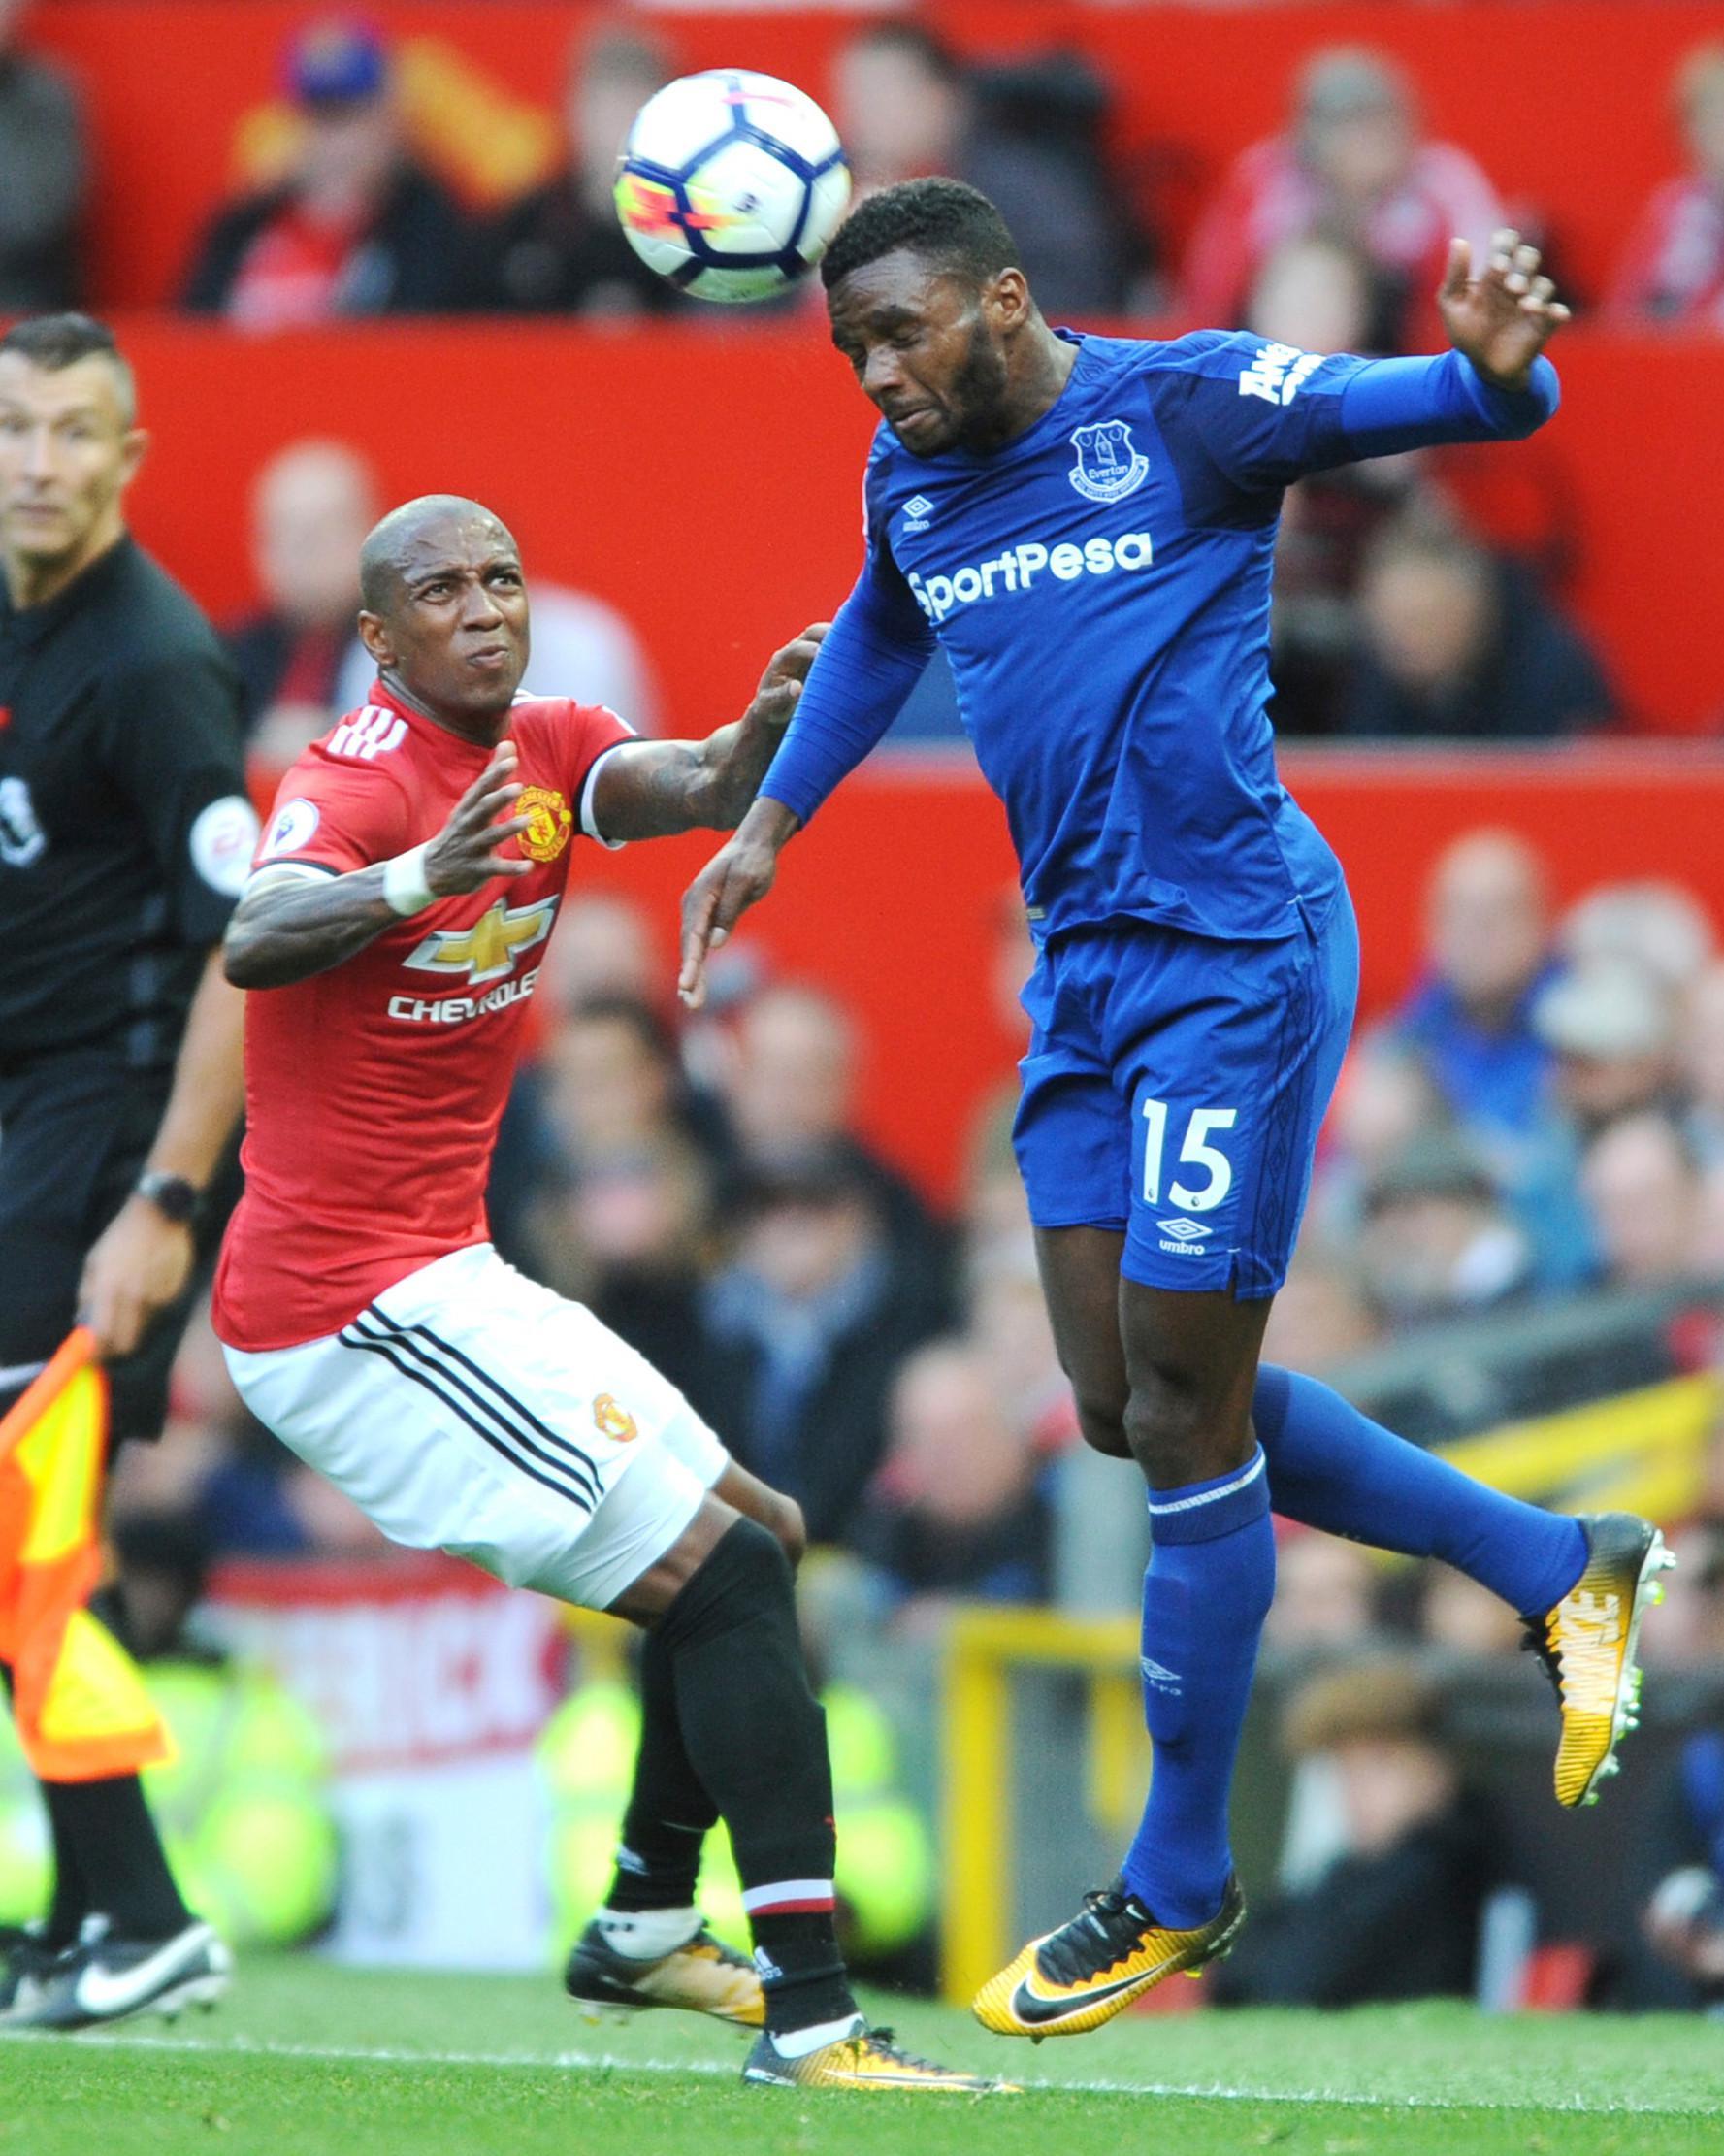 Tantang Everton Young Lengkapi Krisis Pemain MU Bola